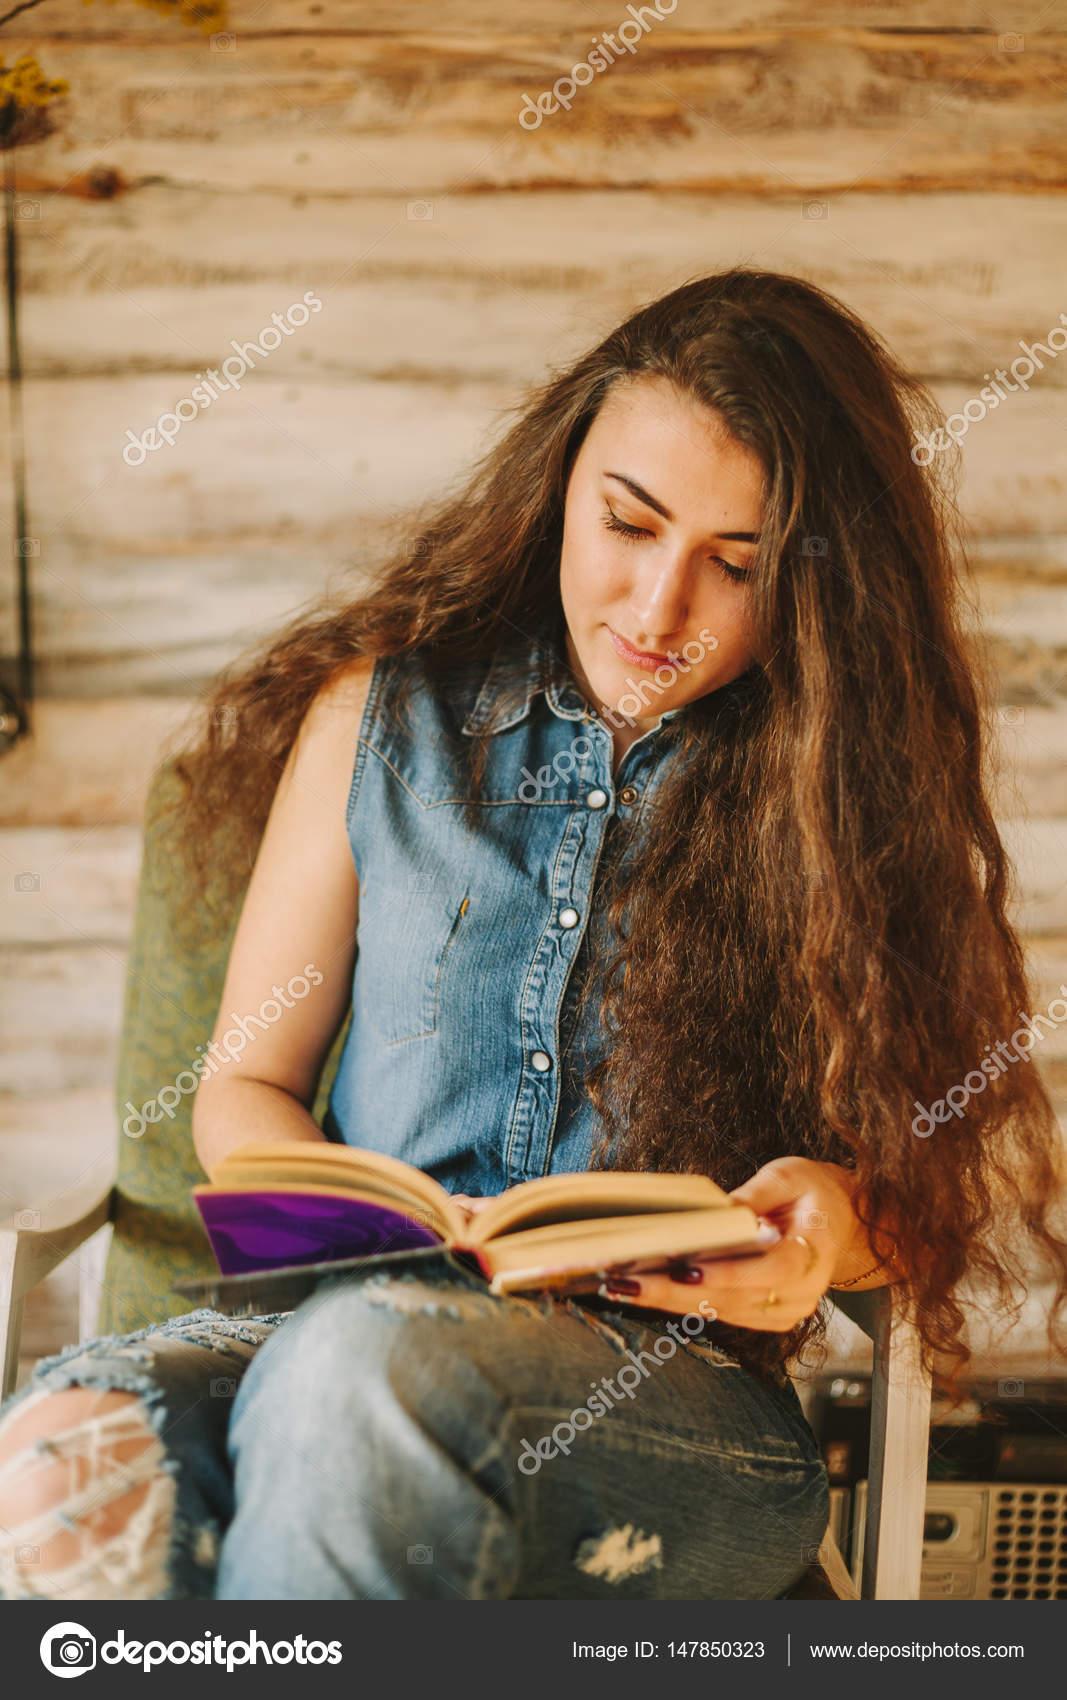 Ritratto di una ragazza con capelli lunghi ricci e - Colorazione immagine di una ragazza ...